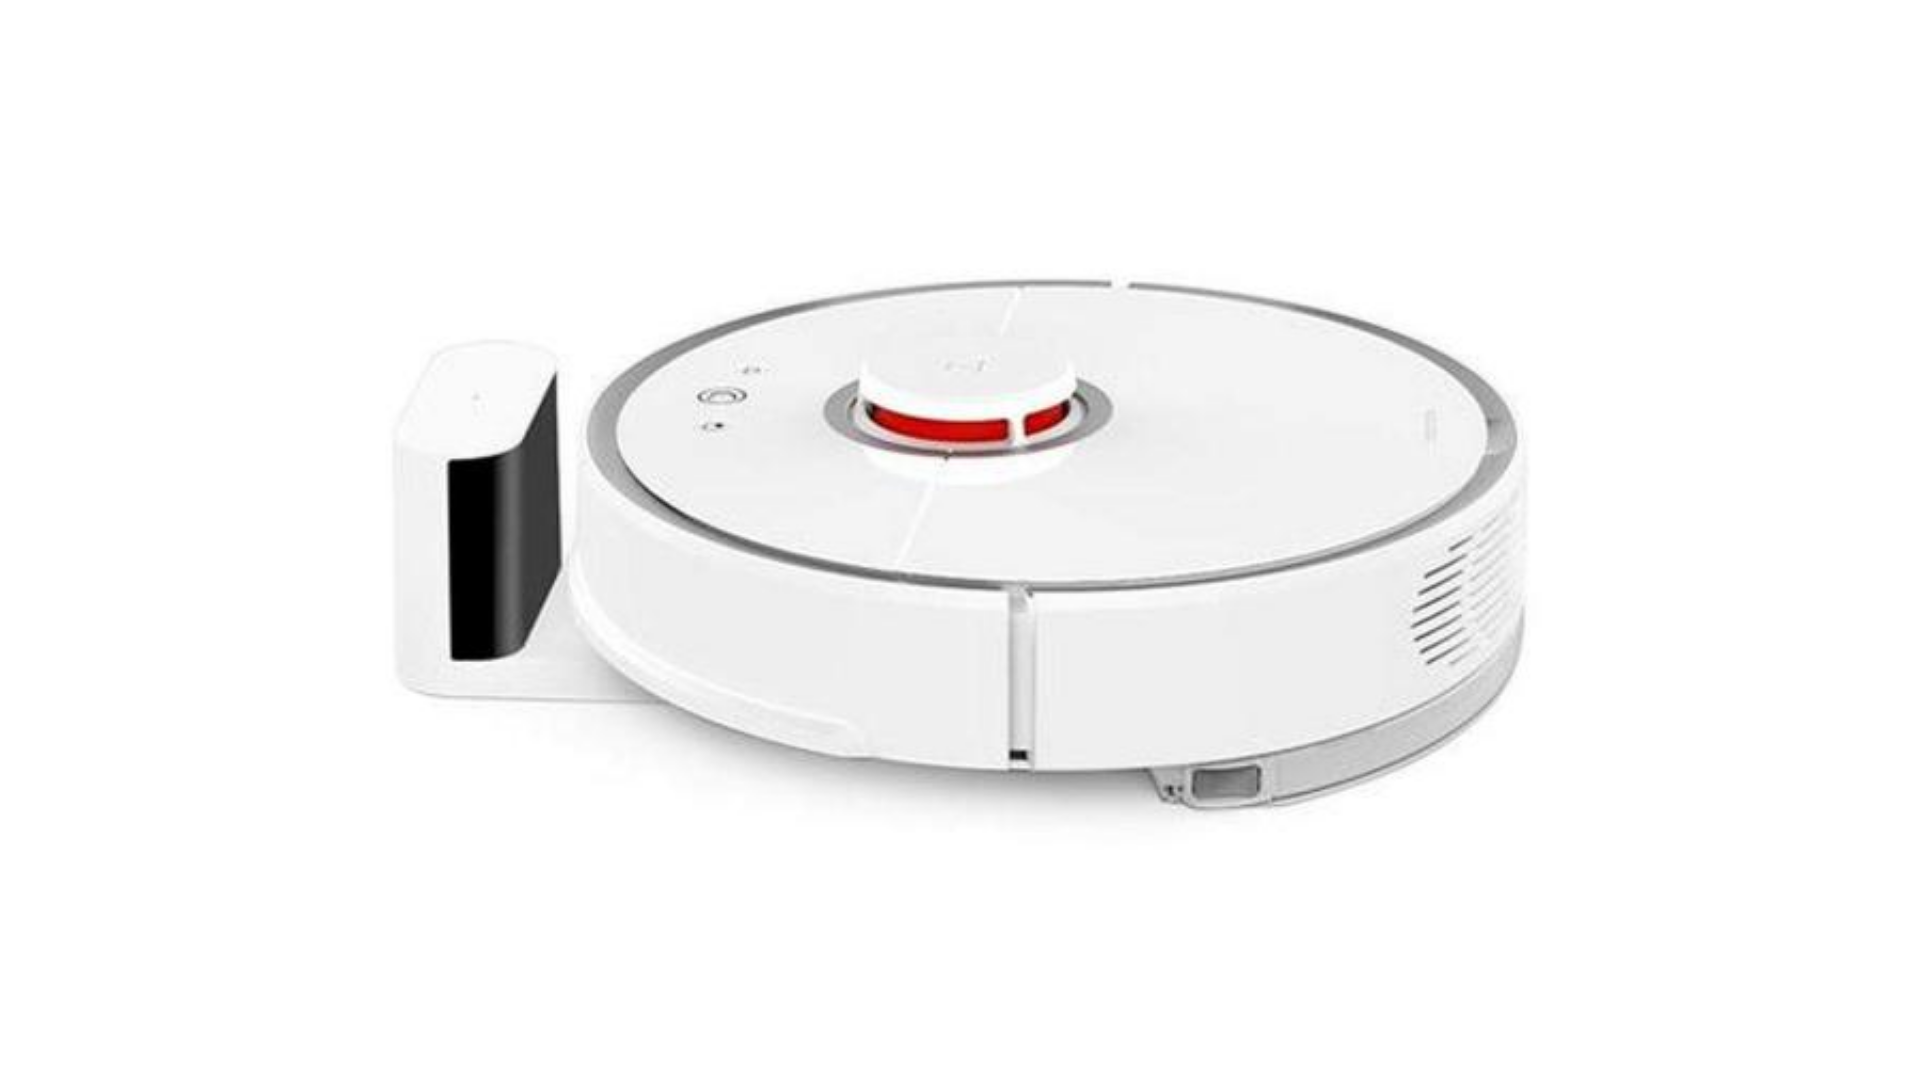 O aspirador de pó robô da Xiaomi tem planejamento de rota e pode ser comandado pelo celular. (Imagem: Divulgação/Xiaomi)